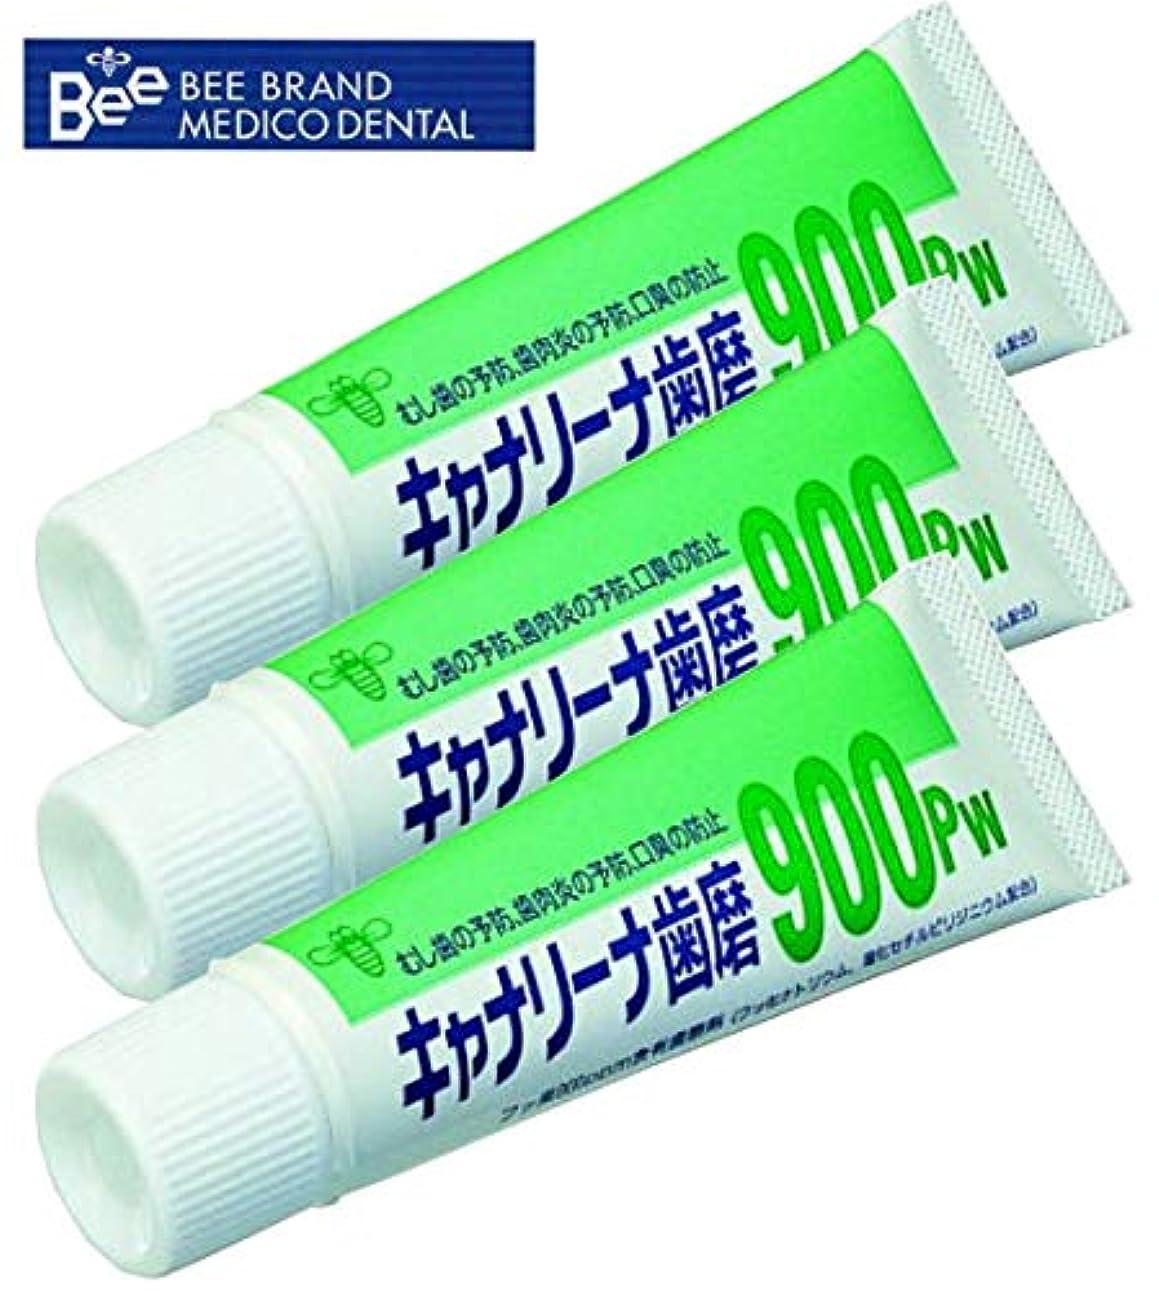 連想強調する過剰ビーブランド(BeeBrand) キャナリーナ 歯磨 900Pw × 3本セット 医薬部外品